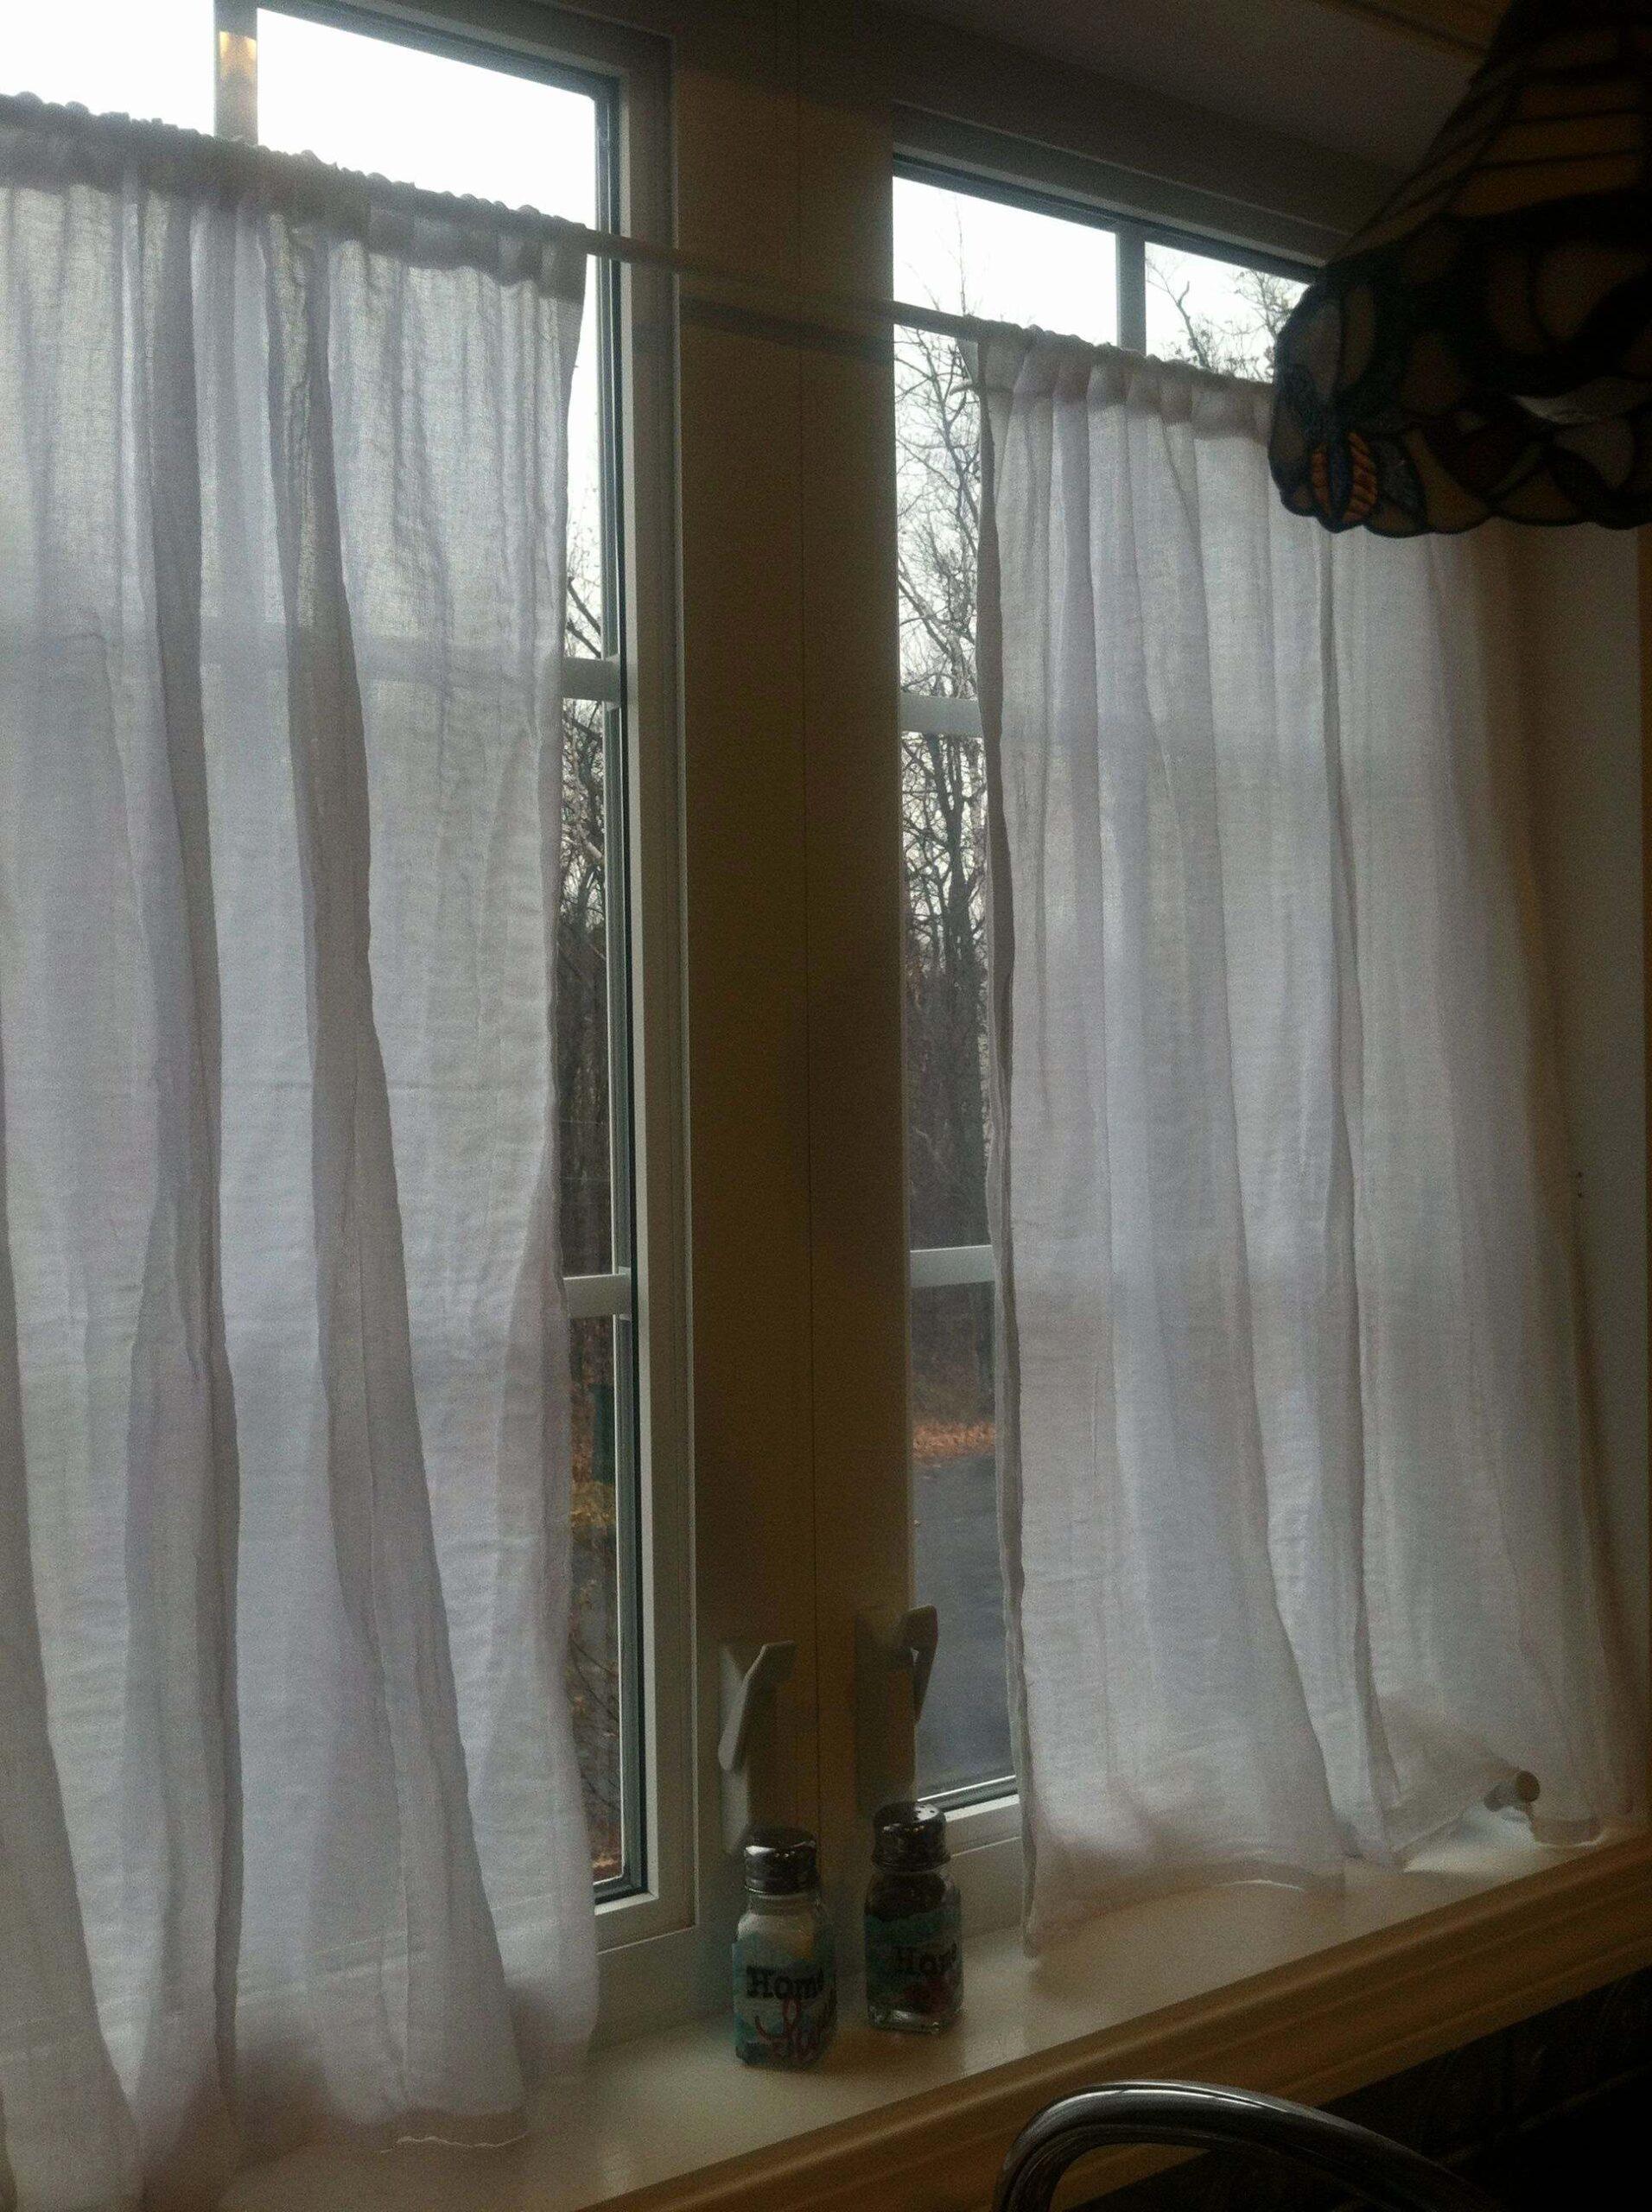 Full Size of Küchen Gardinen Scheibengardinen Küche Regal Wohnzimmer Für Die Schlafzimmer Fenster Wohnzimmer Küchen Gardinen